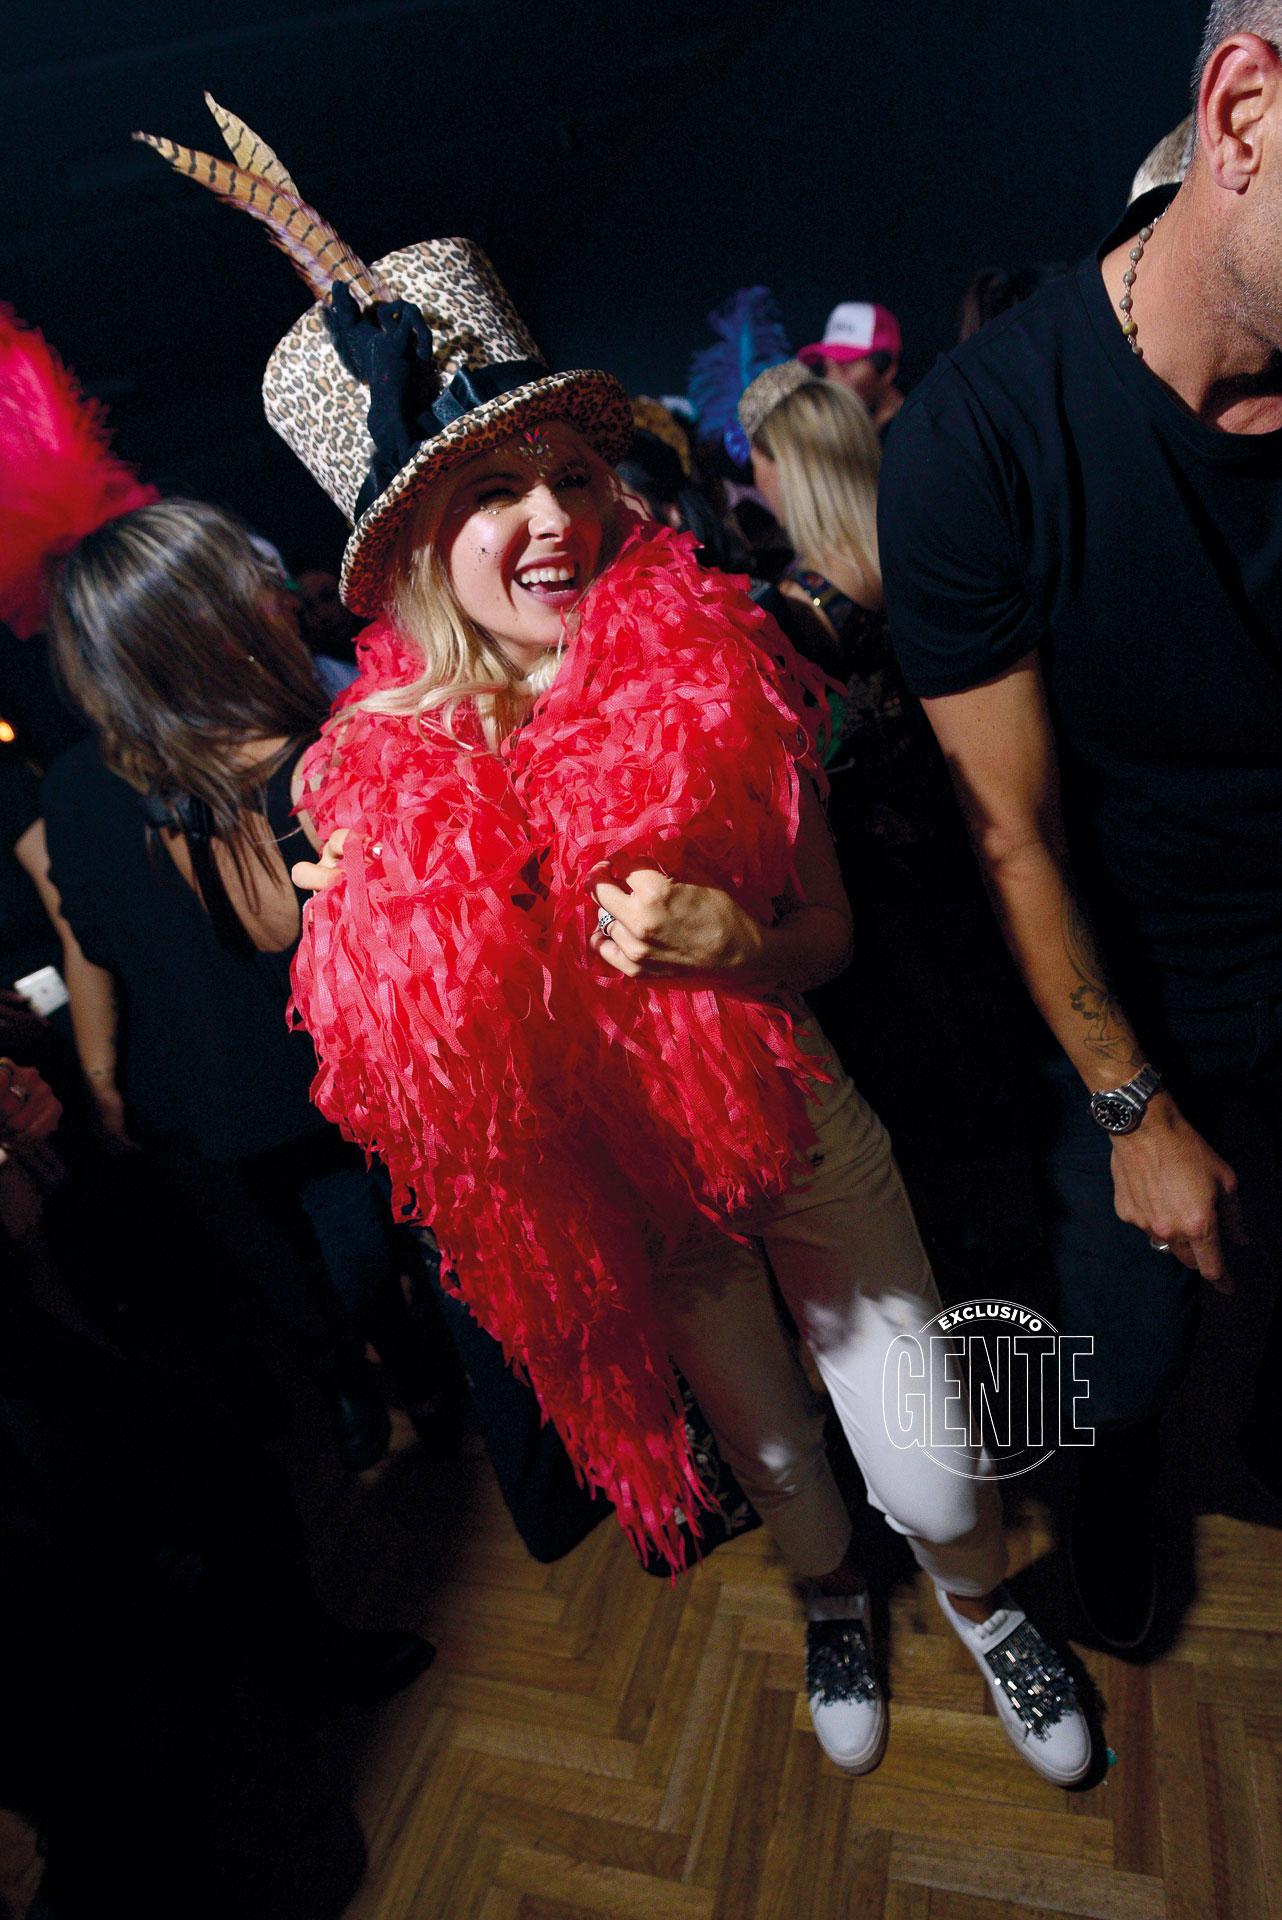 En plena fiesta, la actriz se puso una galera animal print de pana con plumas de faisán y una boa flúo de Shiny Happy People.